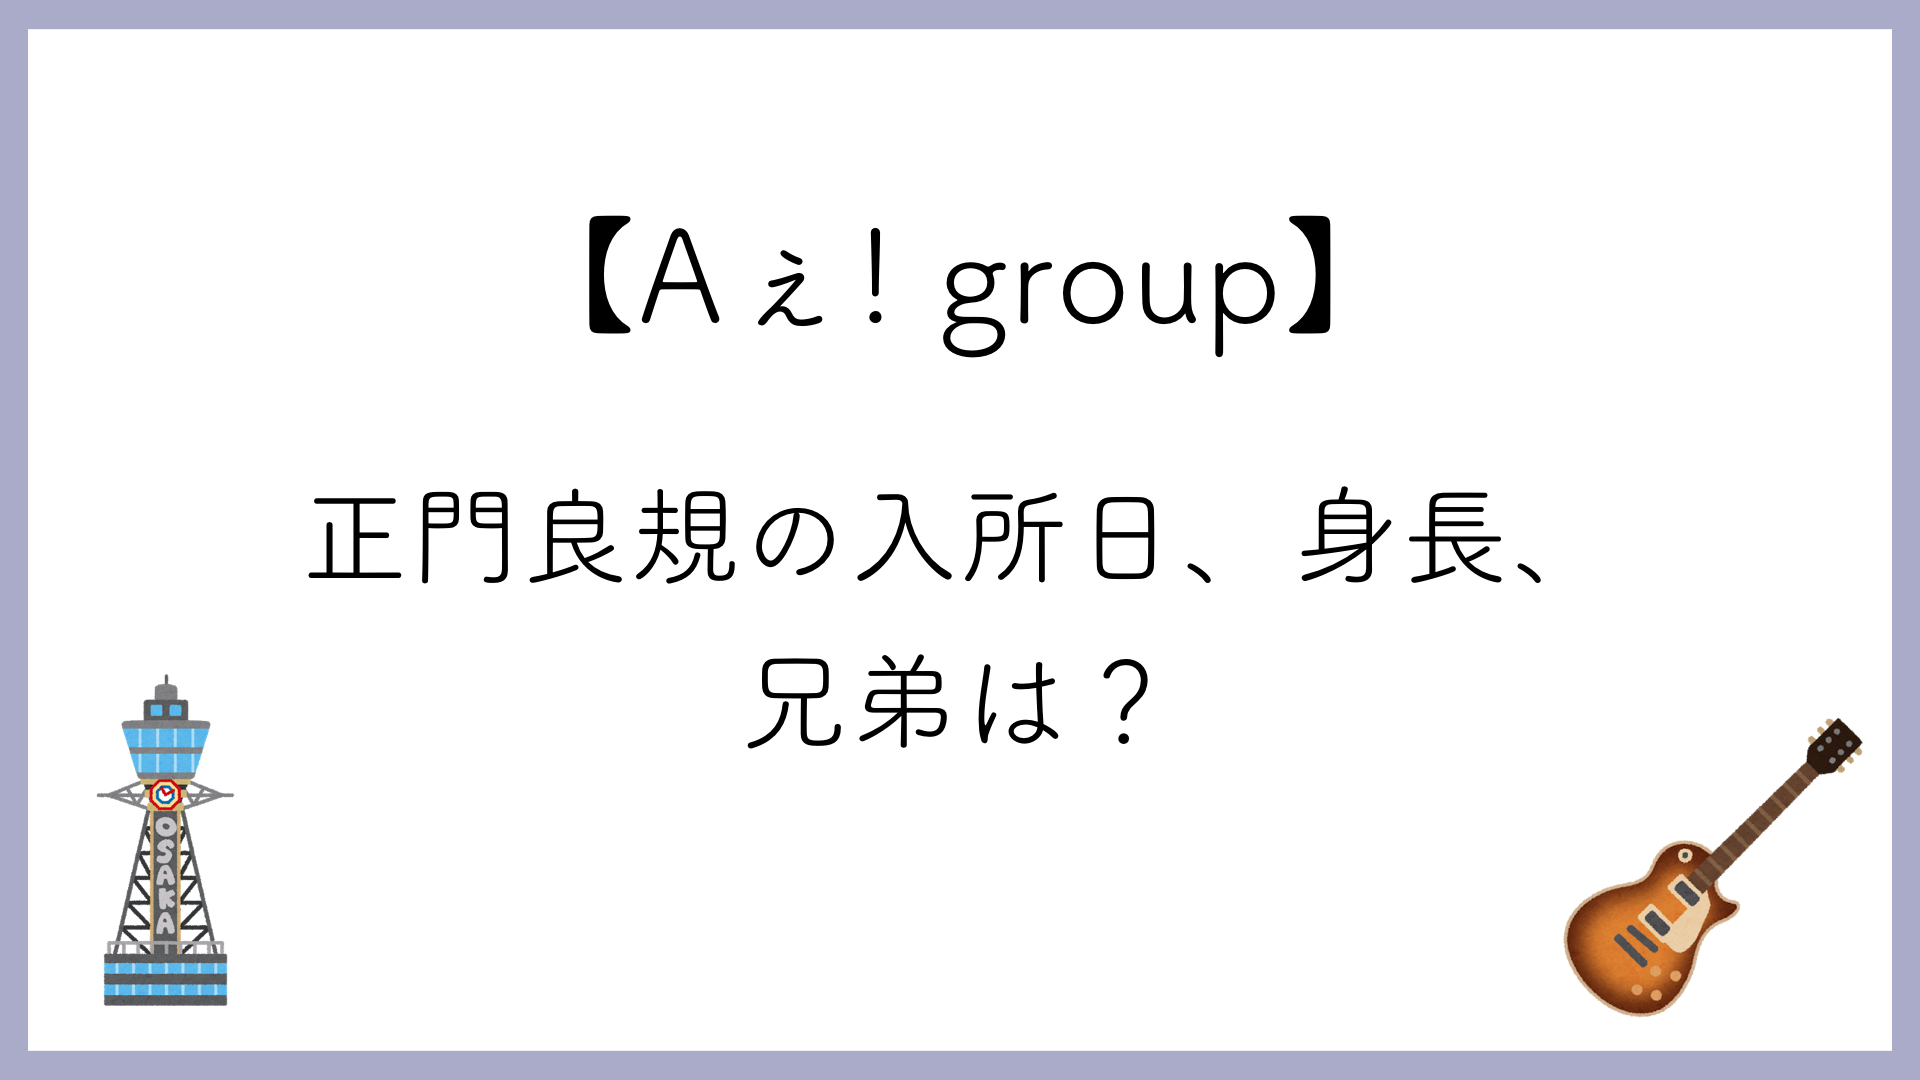 【Aぇ! group】正門良規の入所日、身長、兄弟は?